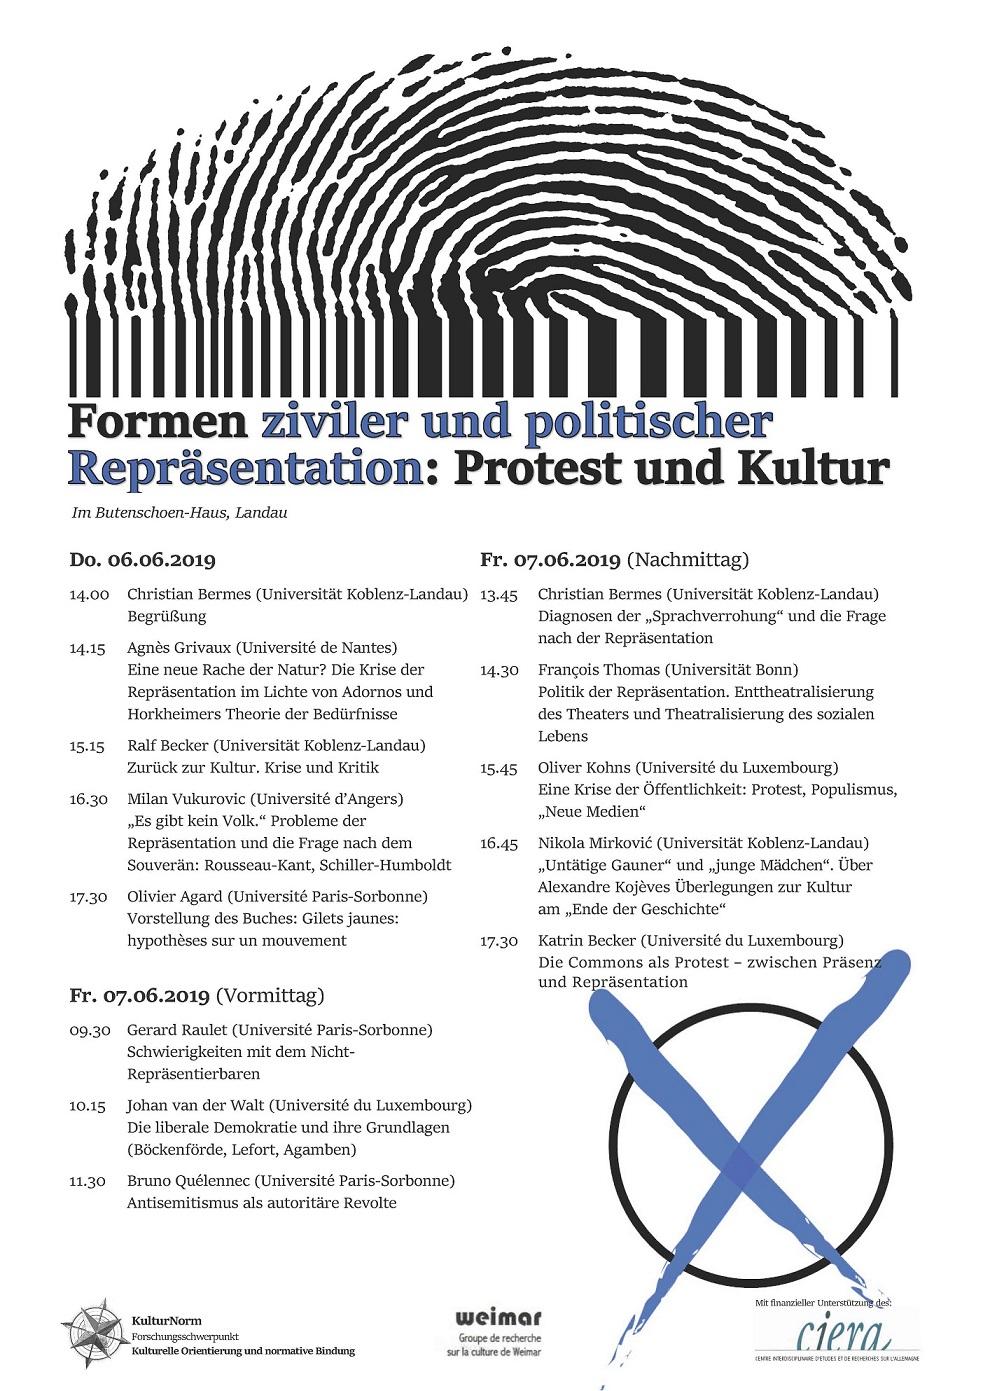 Plakat Formen ziviler und politischer Repräsentation